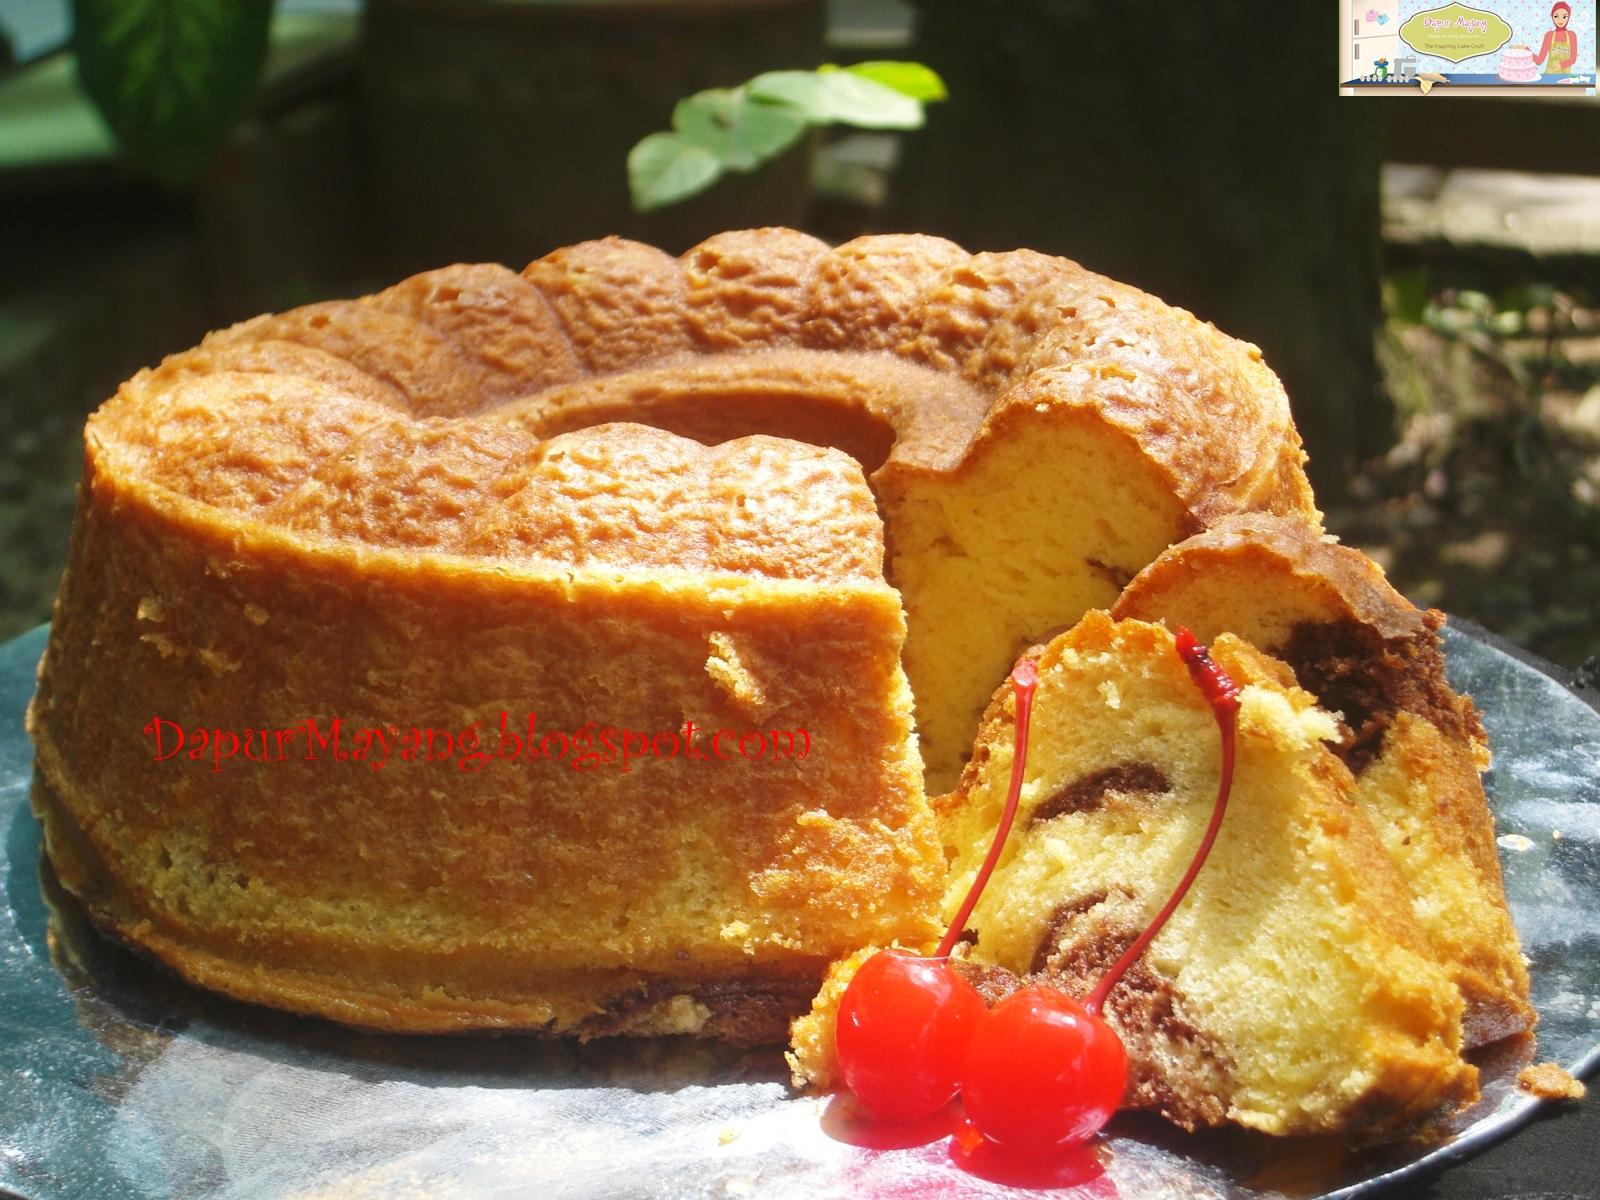 tekstur cake akan halu...lembut...kaga kalah dengan jenis dponge cake ...